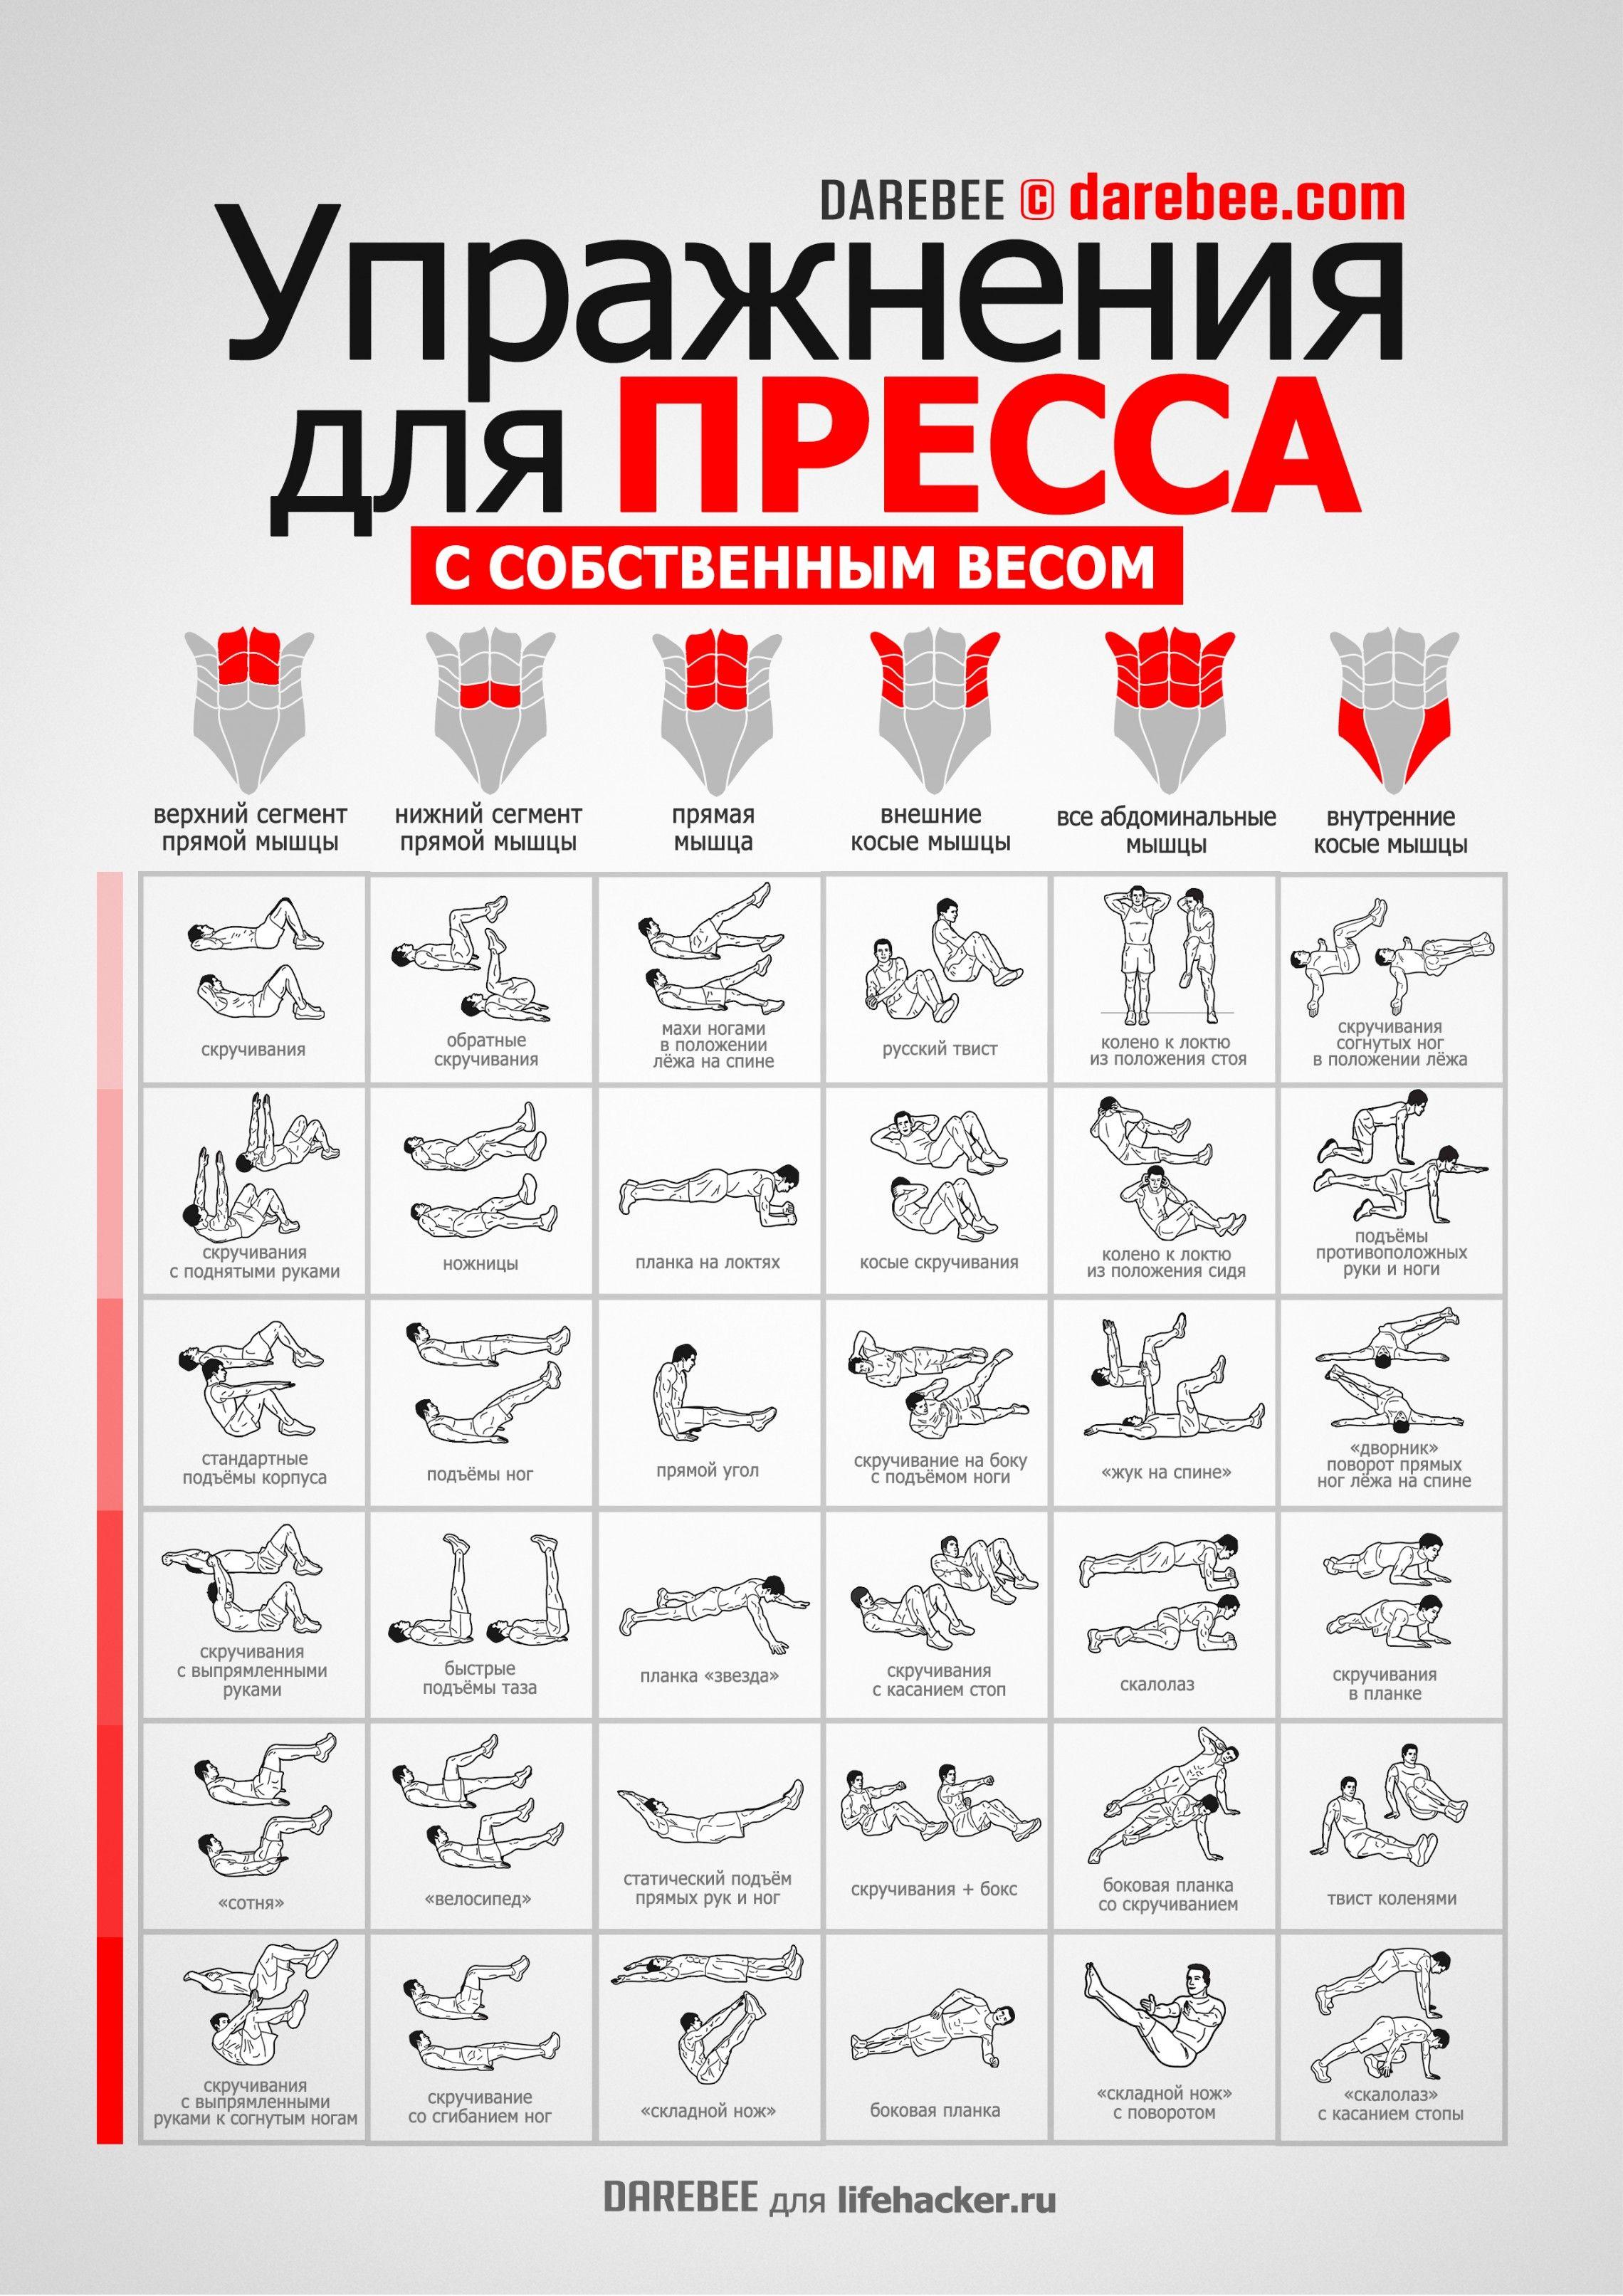 Упражнение для тренировок в картинках